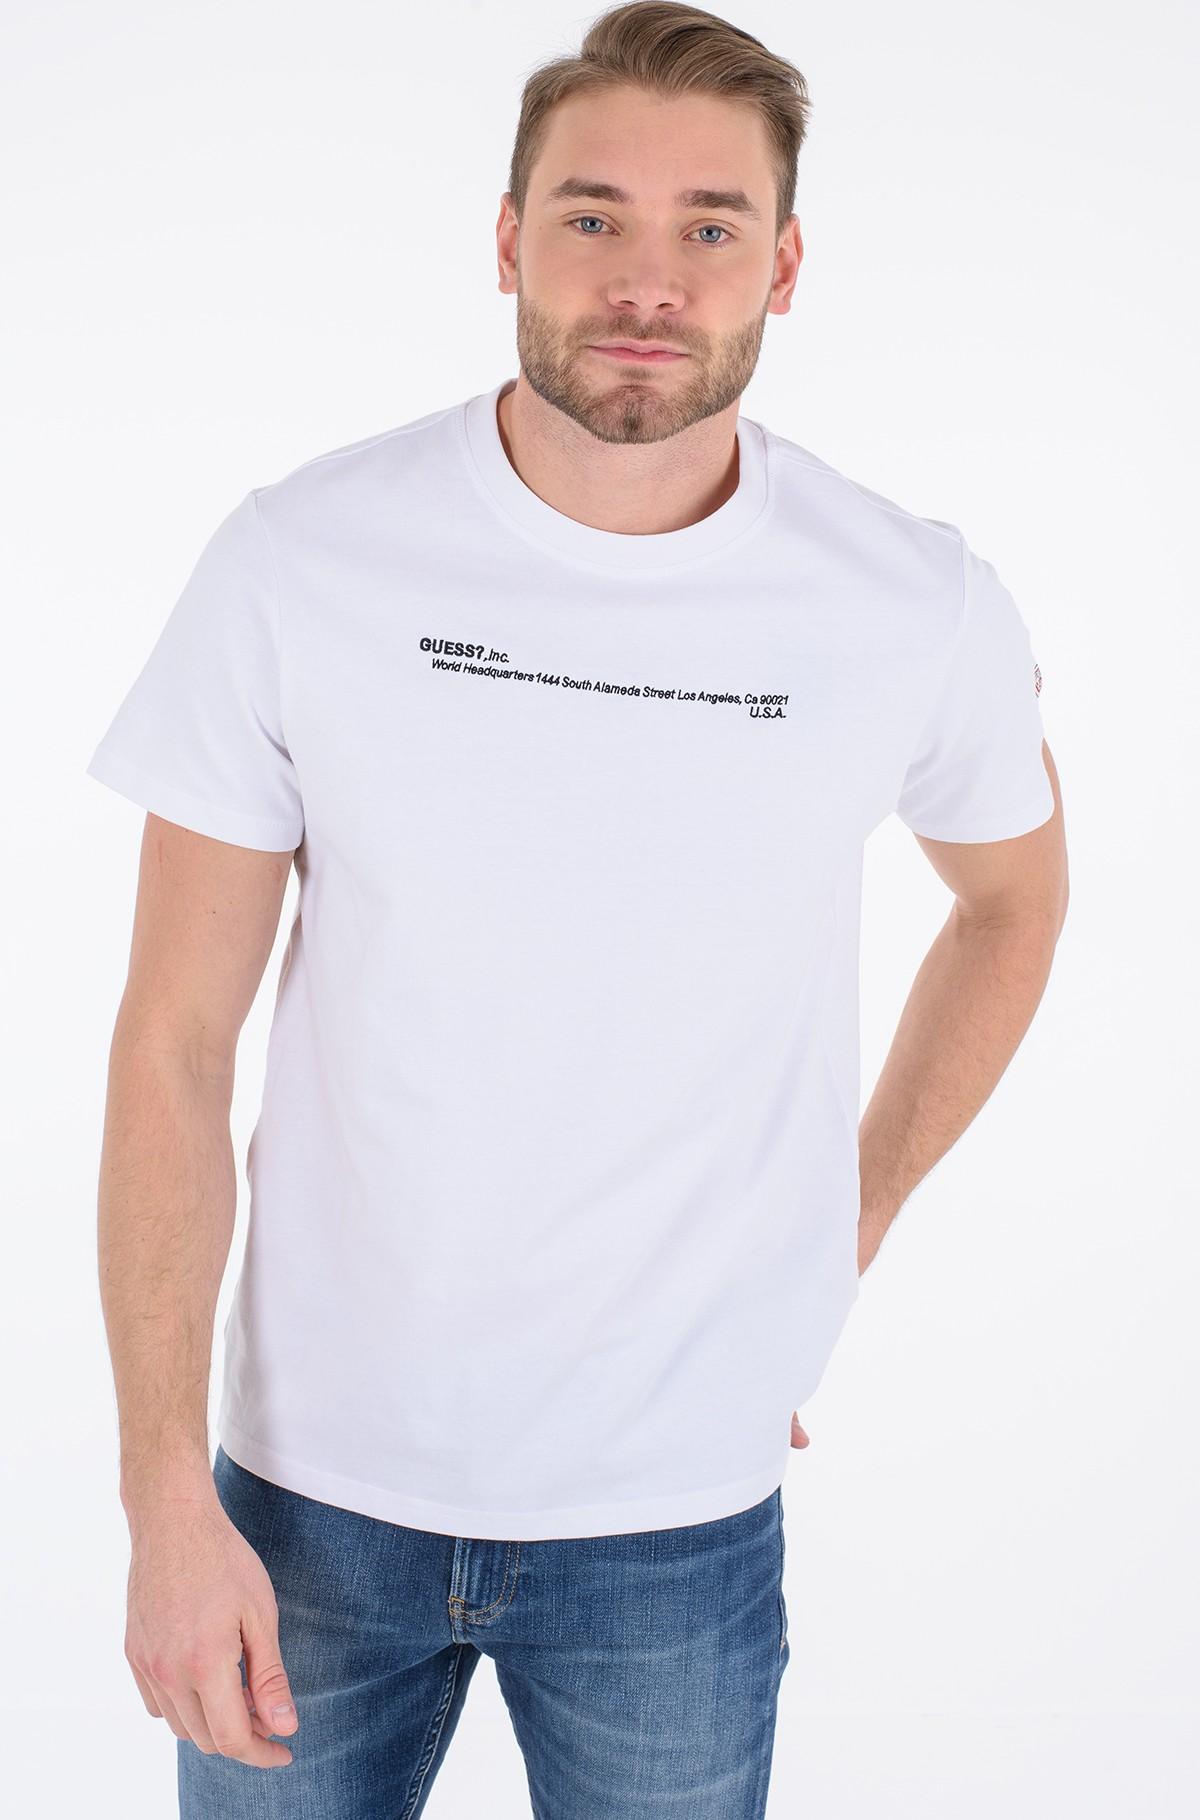 T-shirt M1RI91 KAG00-full-1